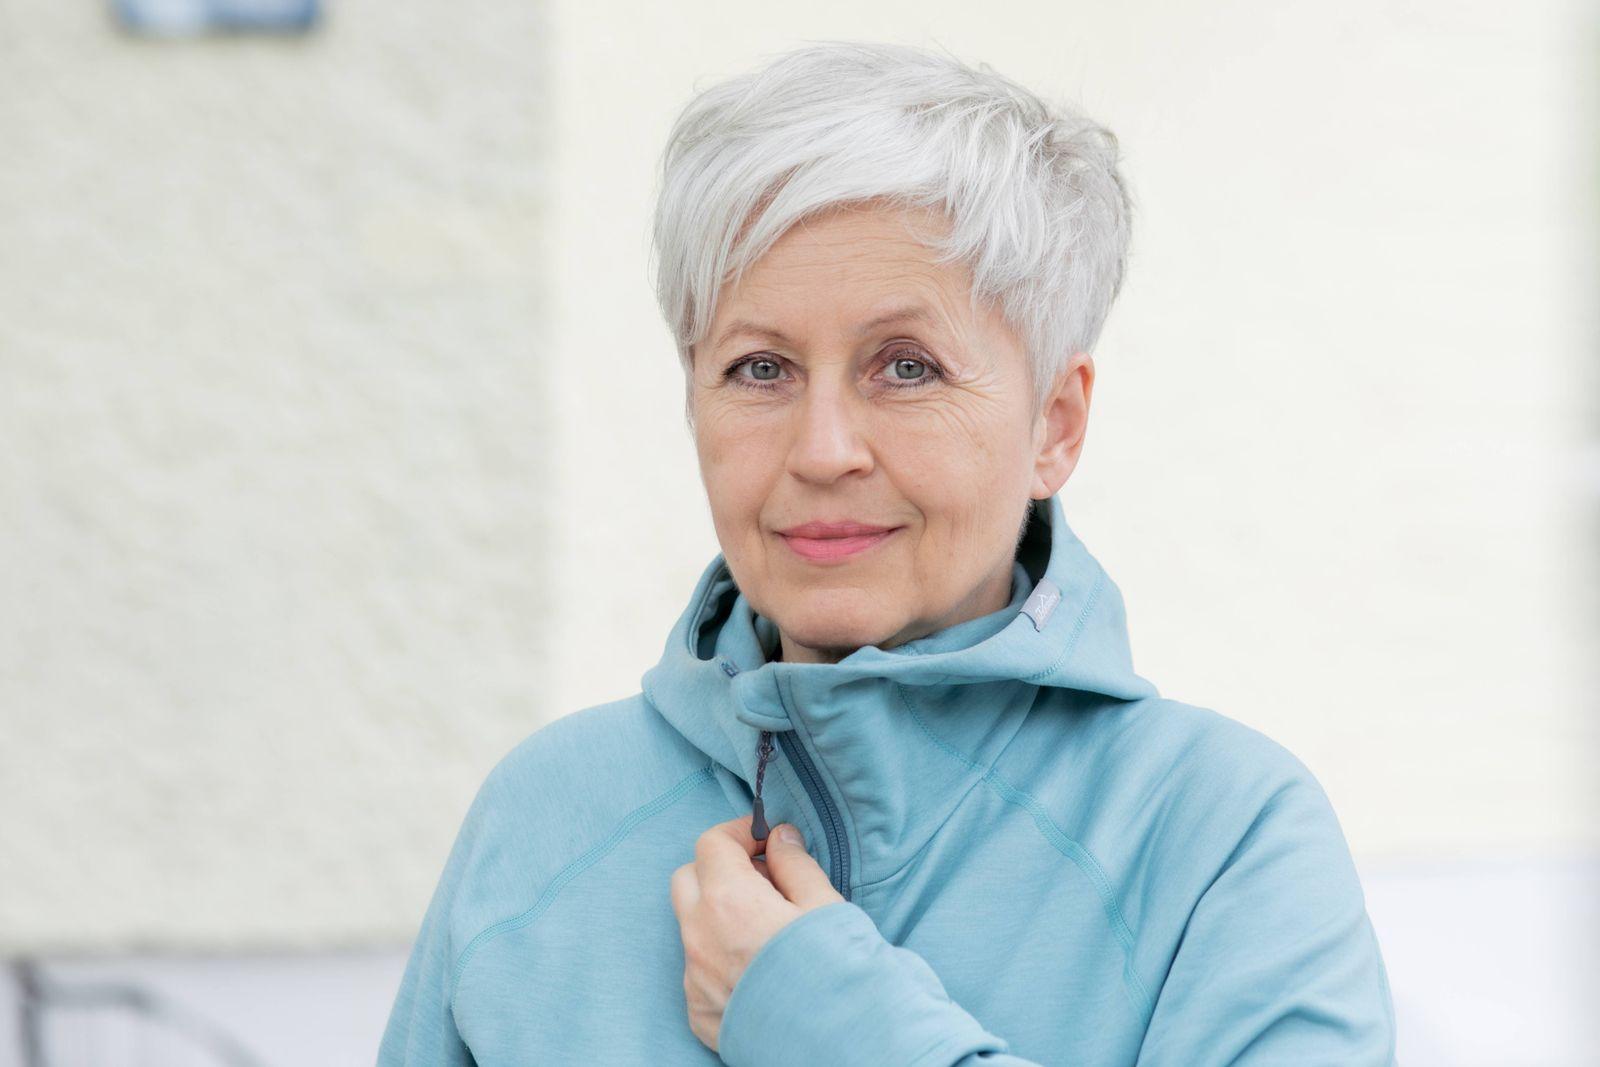 Mitglied der Berliner Akademie der Künste Ulrike Draesner lebt als Lyrikerin Romanautorin und Ess